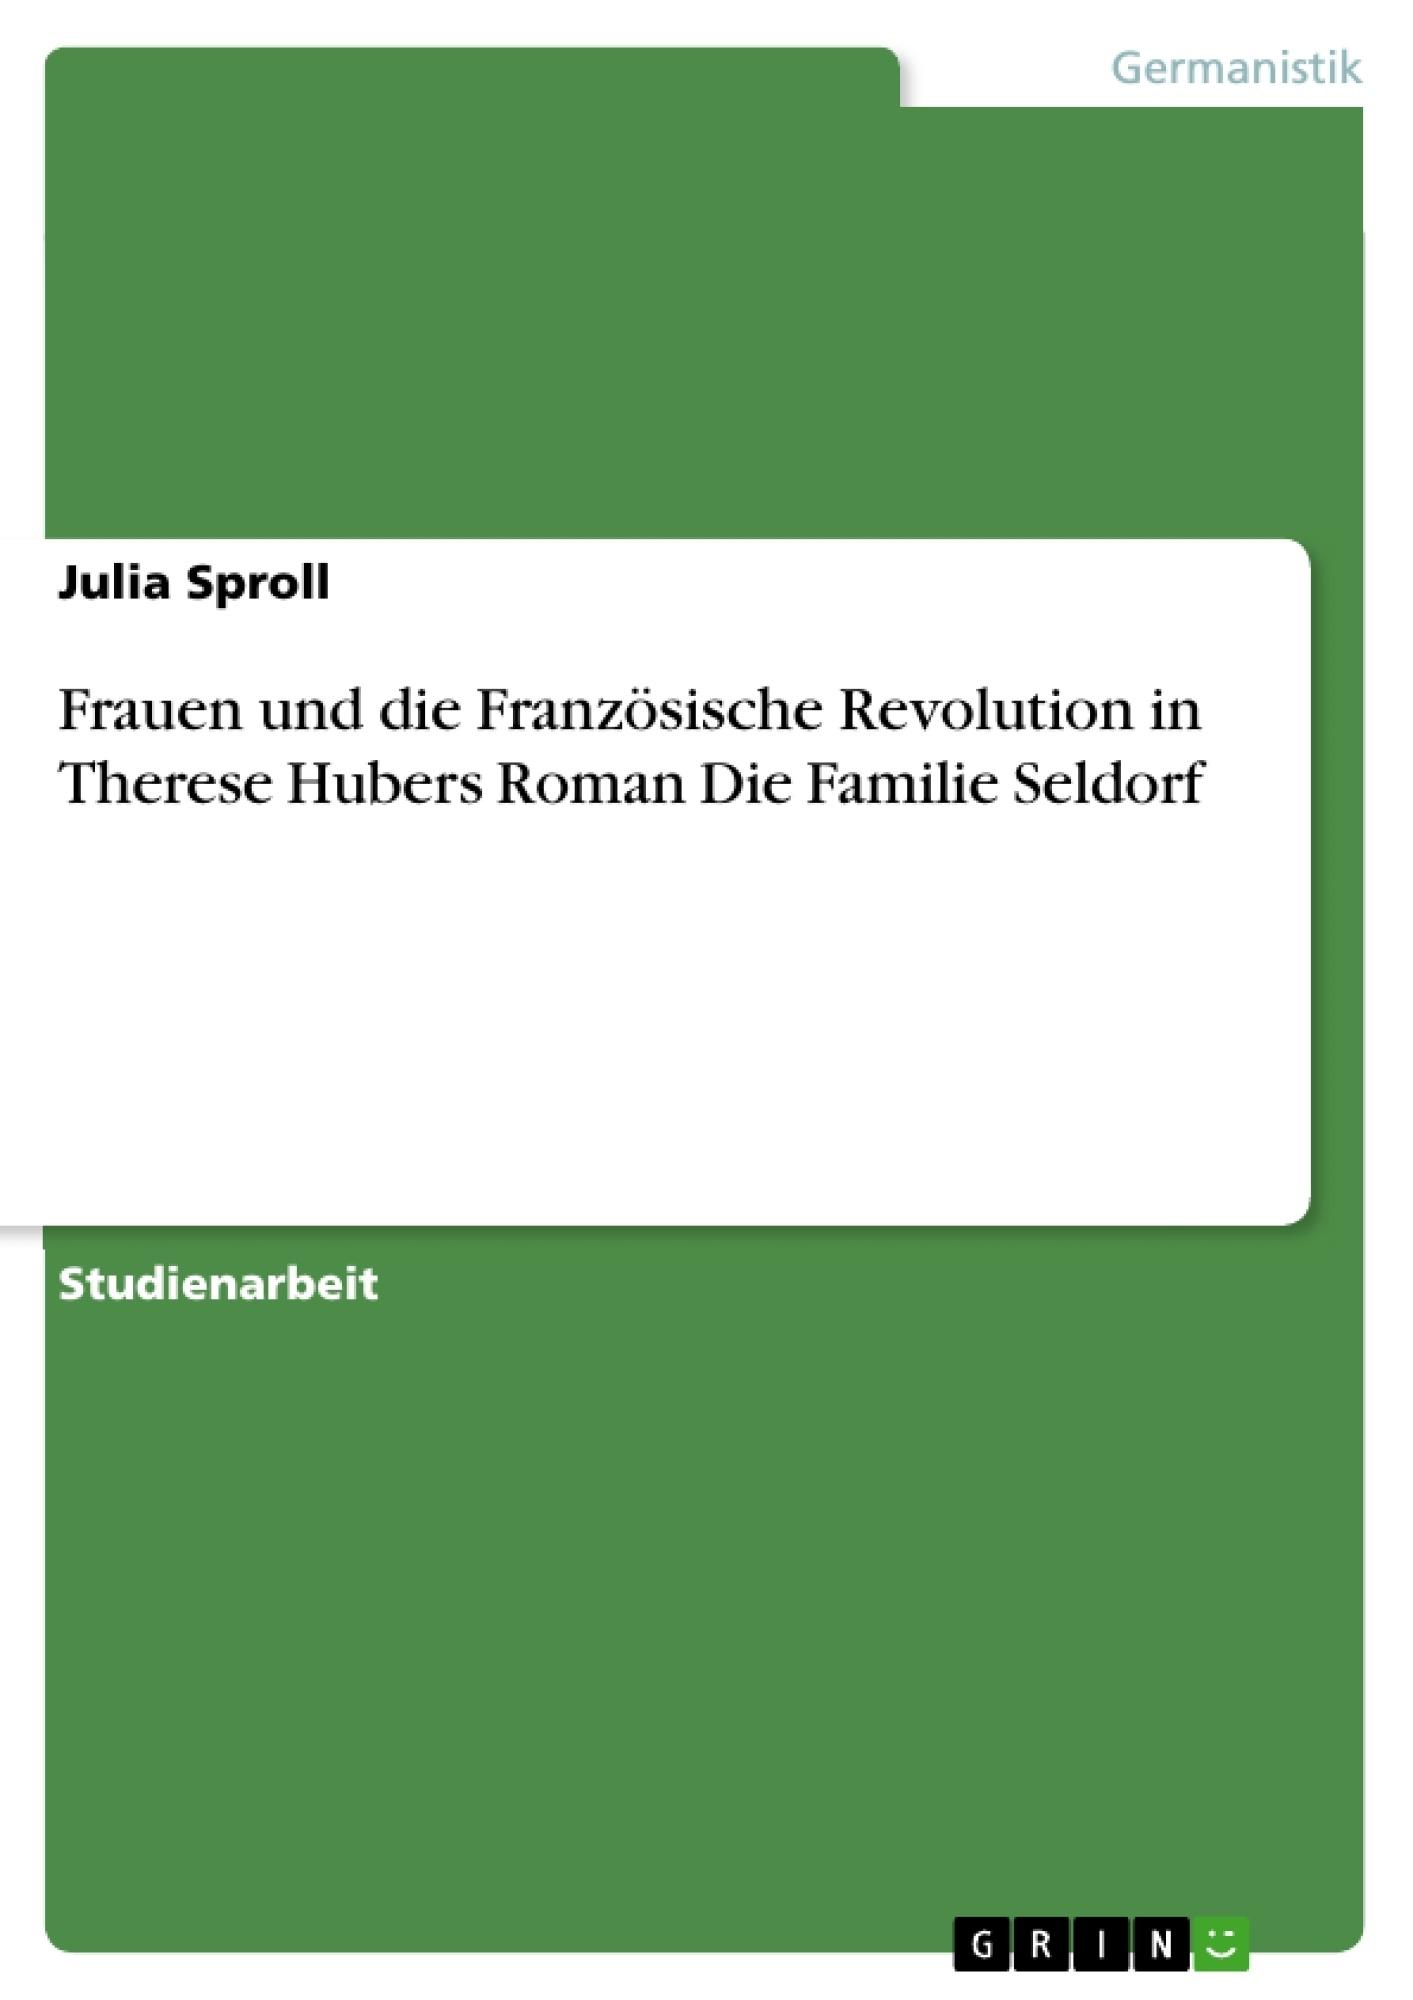 Titel: Frauen und die Französische Revolution in Therese Hubers Roman Die Familie Seldorf